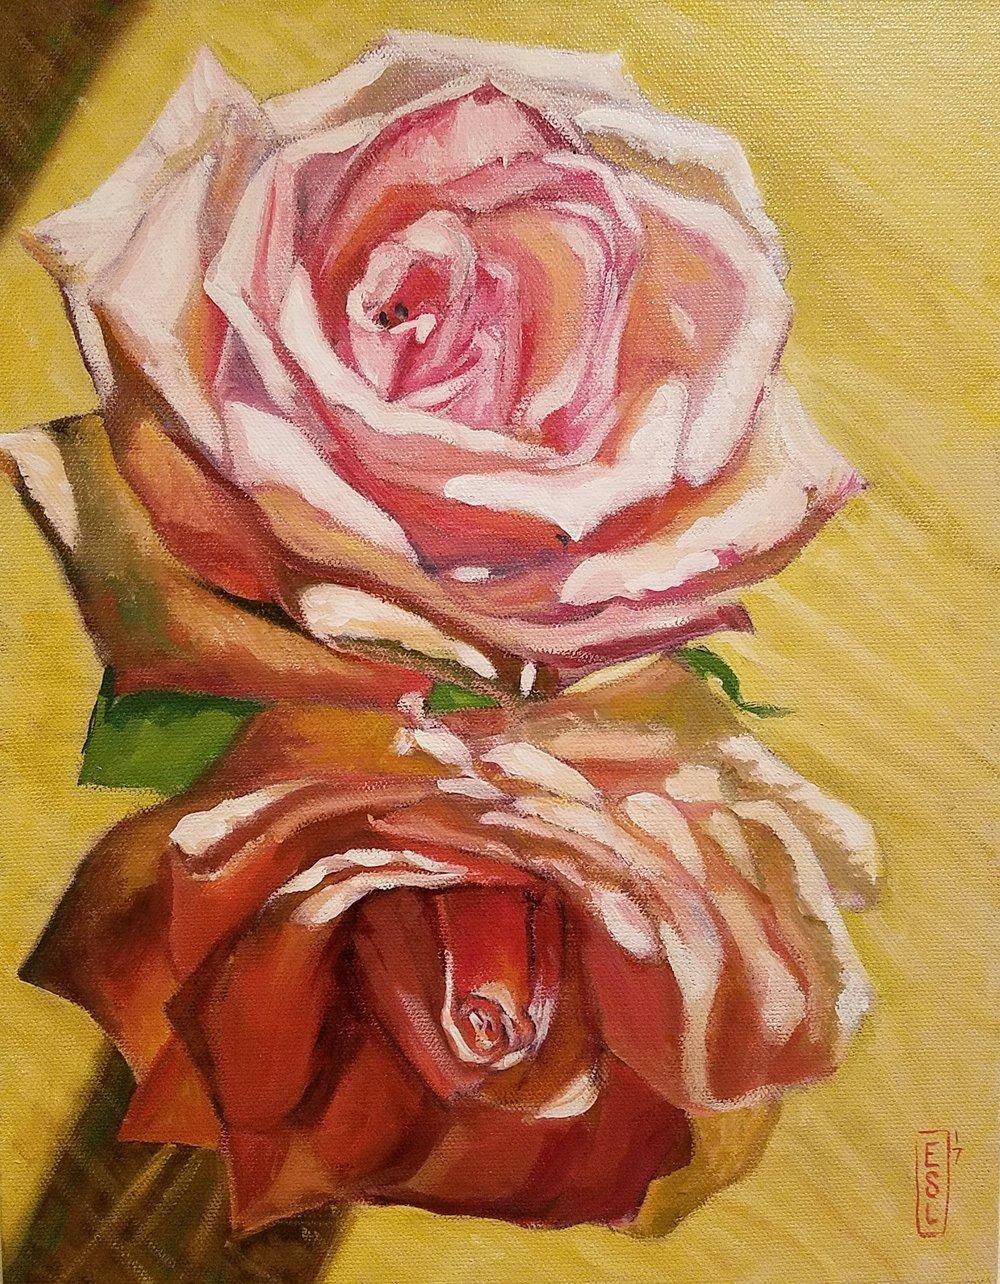 La Vie en Rose: For Grace